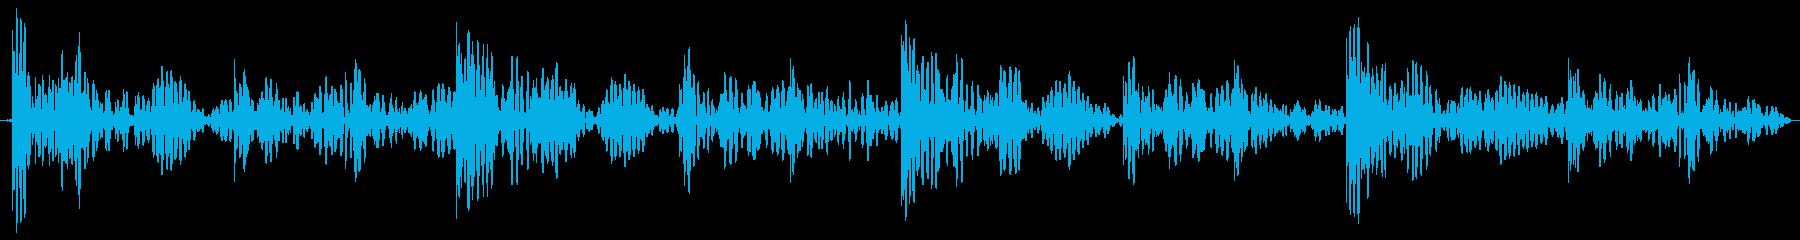 ドンドコ 太鼓のリズム ループ用の再生済みの波形